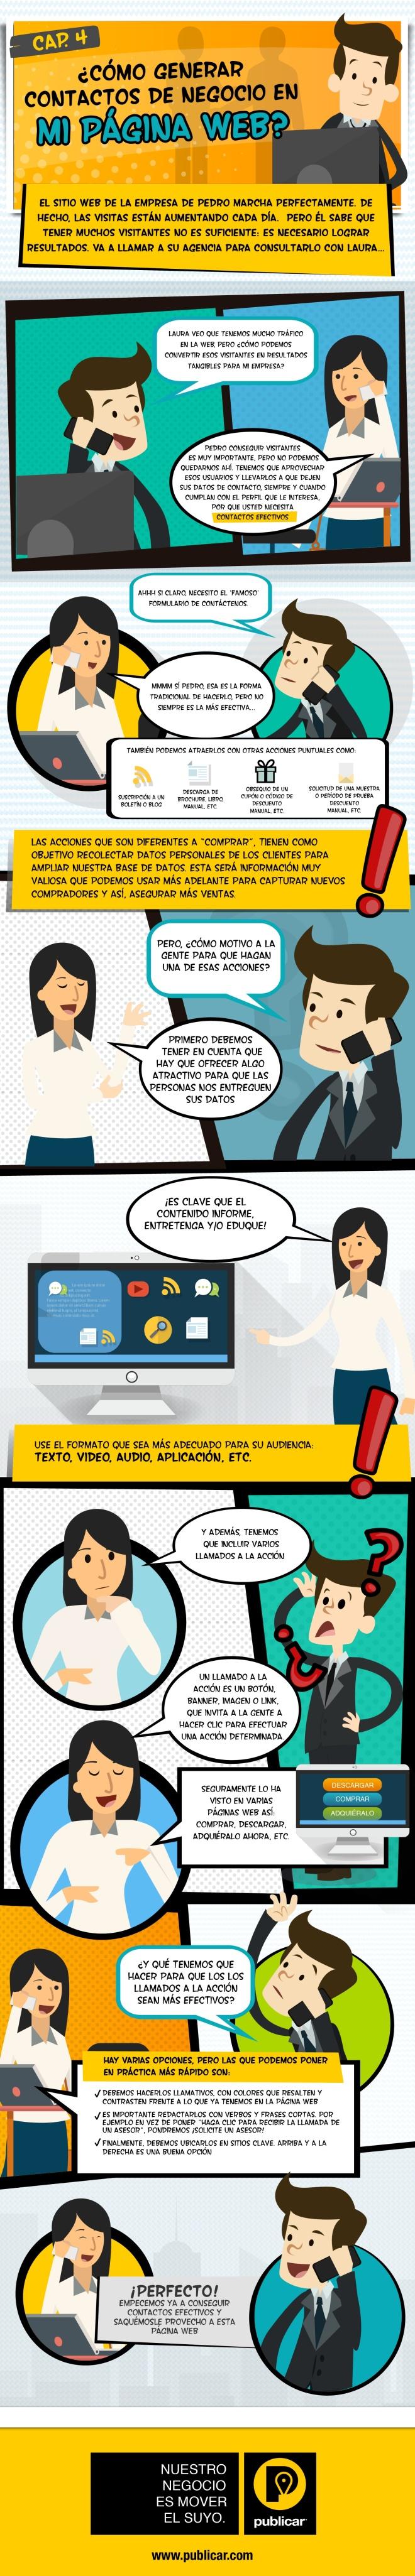 Cómo generar contactos para tu empresa en tu web